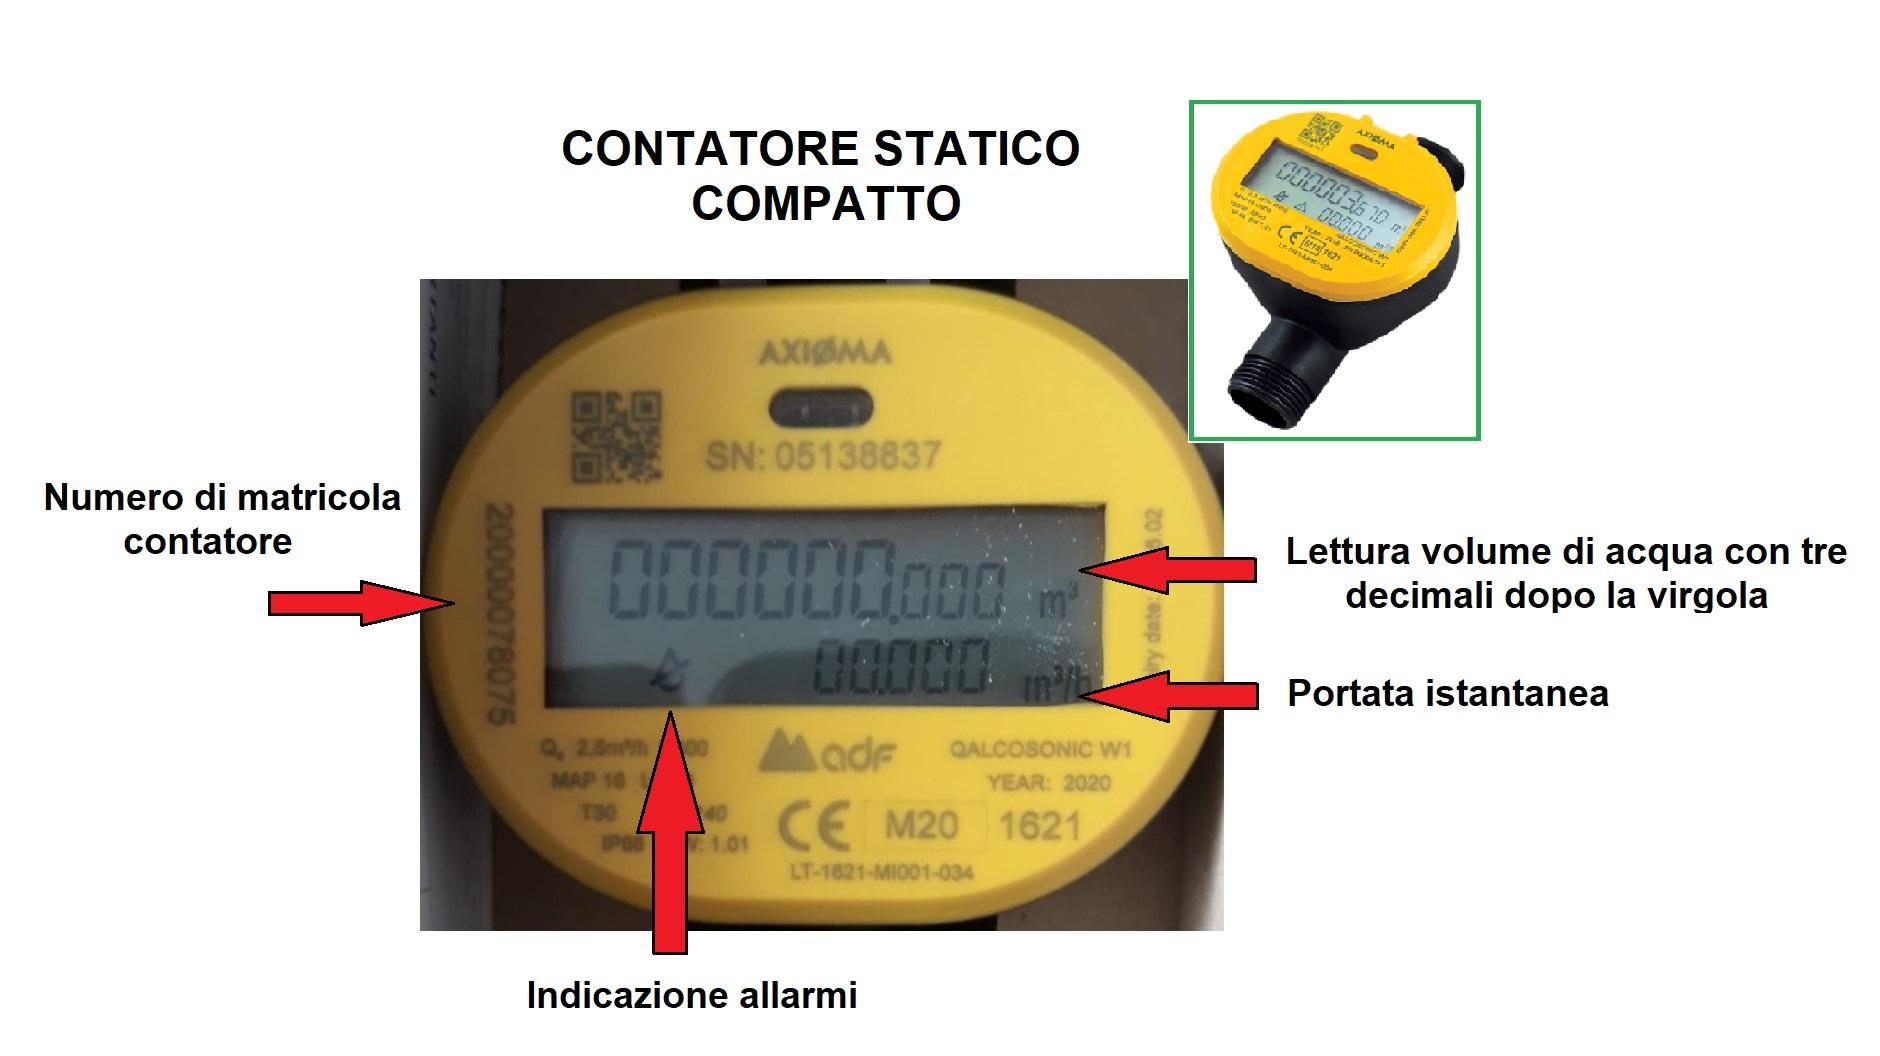 Contatore statico compatto axioma